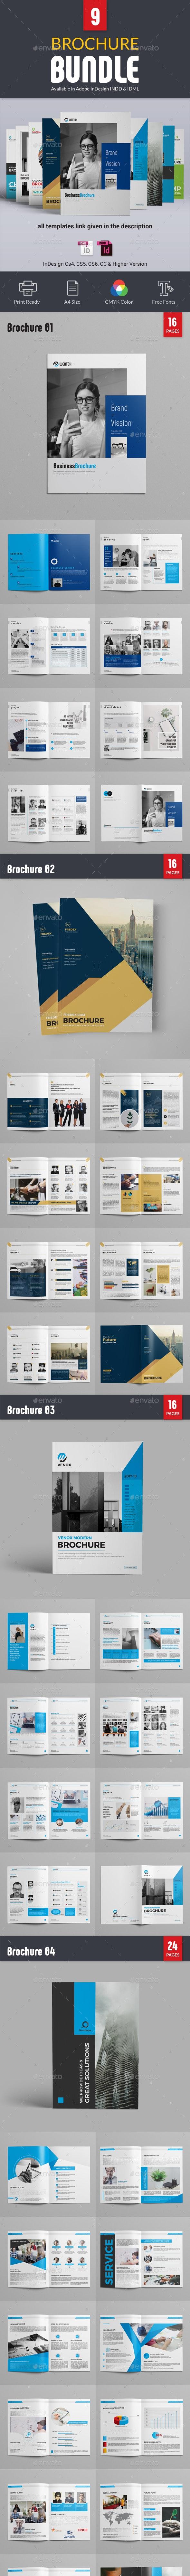 قالب ایندیزاین بروشور Brochure Bundle